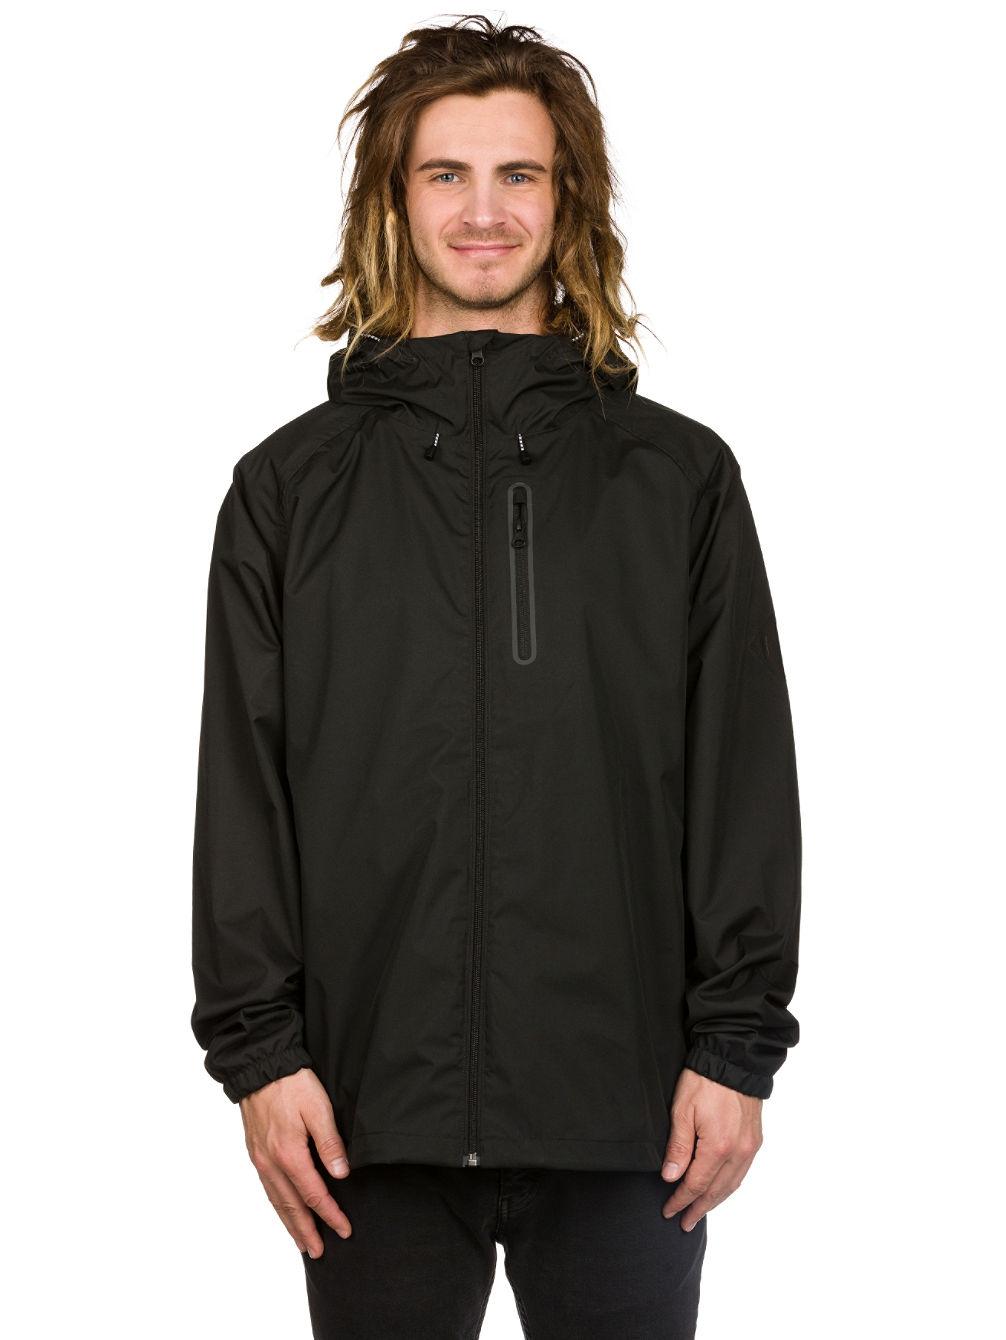 burton-portal-jacket